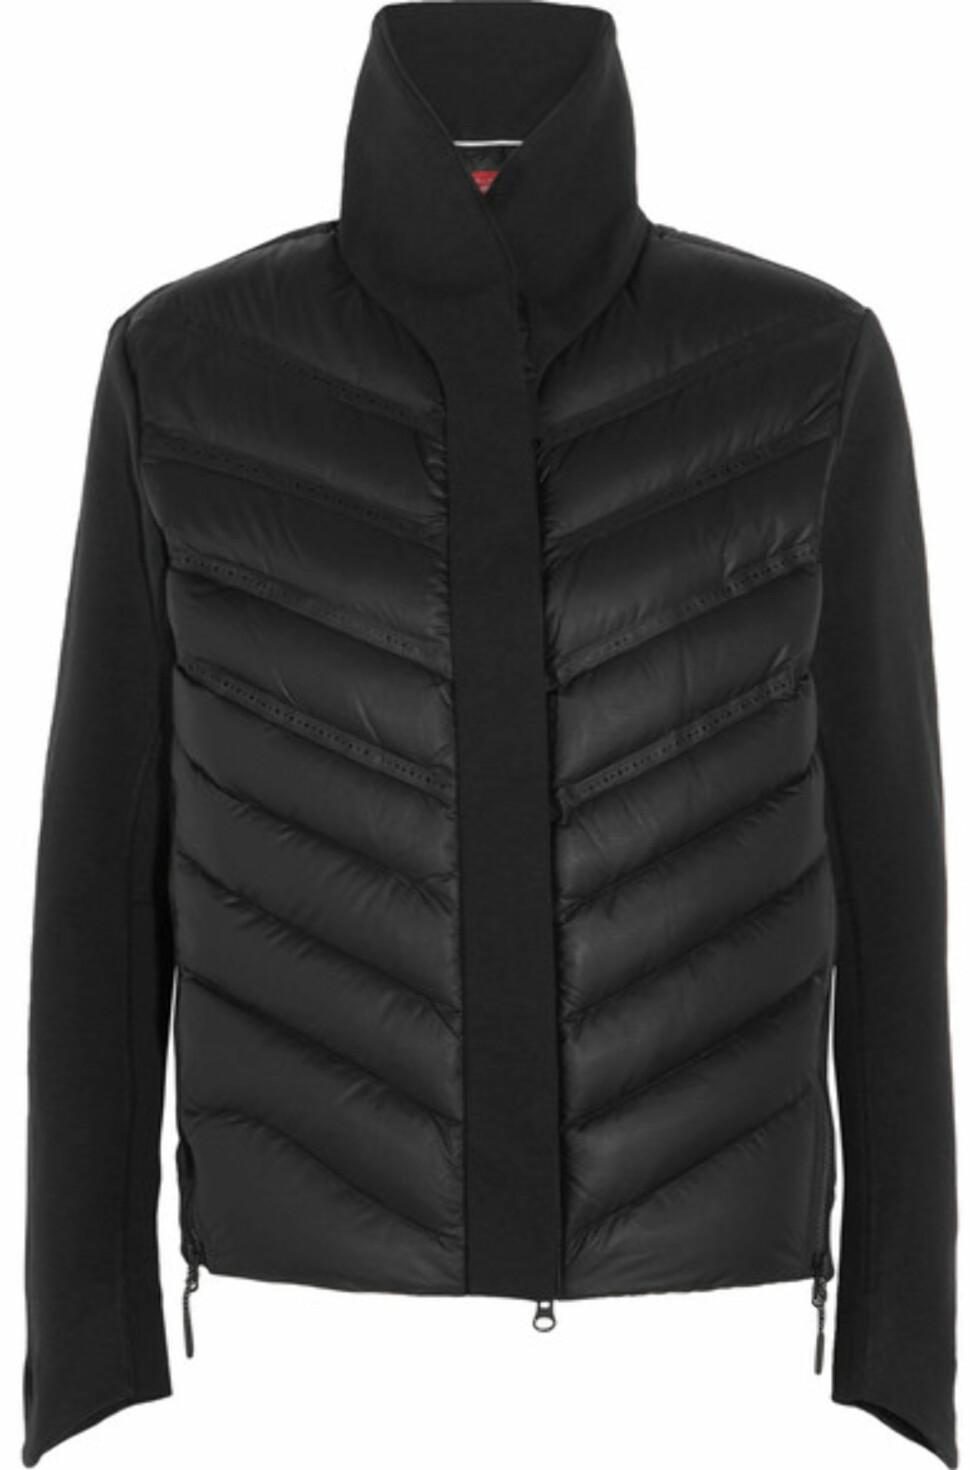 Jakke fra Nike via Net-a-porter.com | kr 1954 | https://www.net-a-porter.com/se/en/product/762299/nike/aeroloft-quilted-shell-and-tech-fleece-jersey-down-jacket